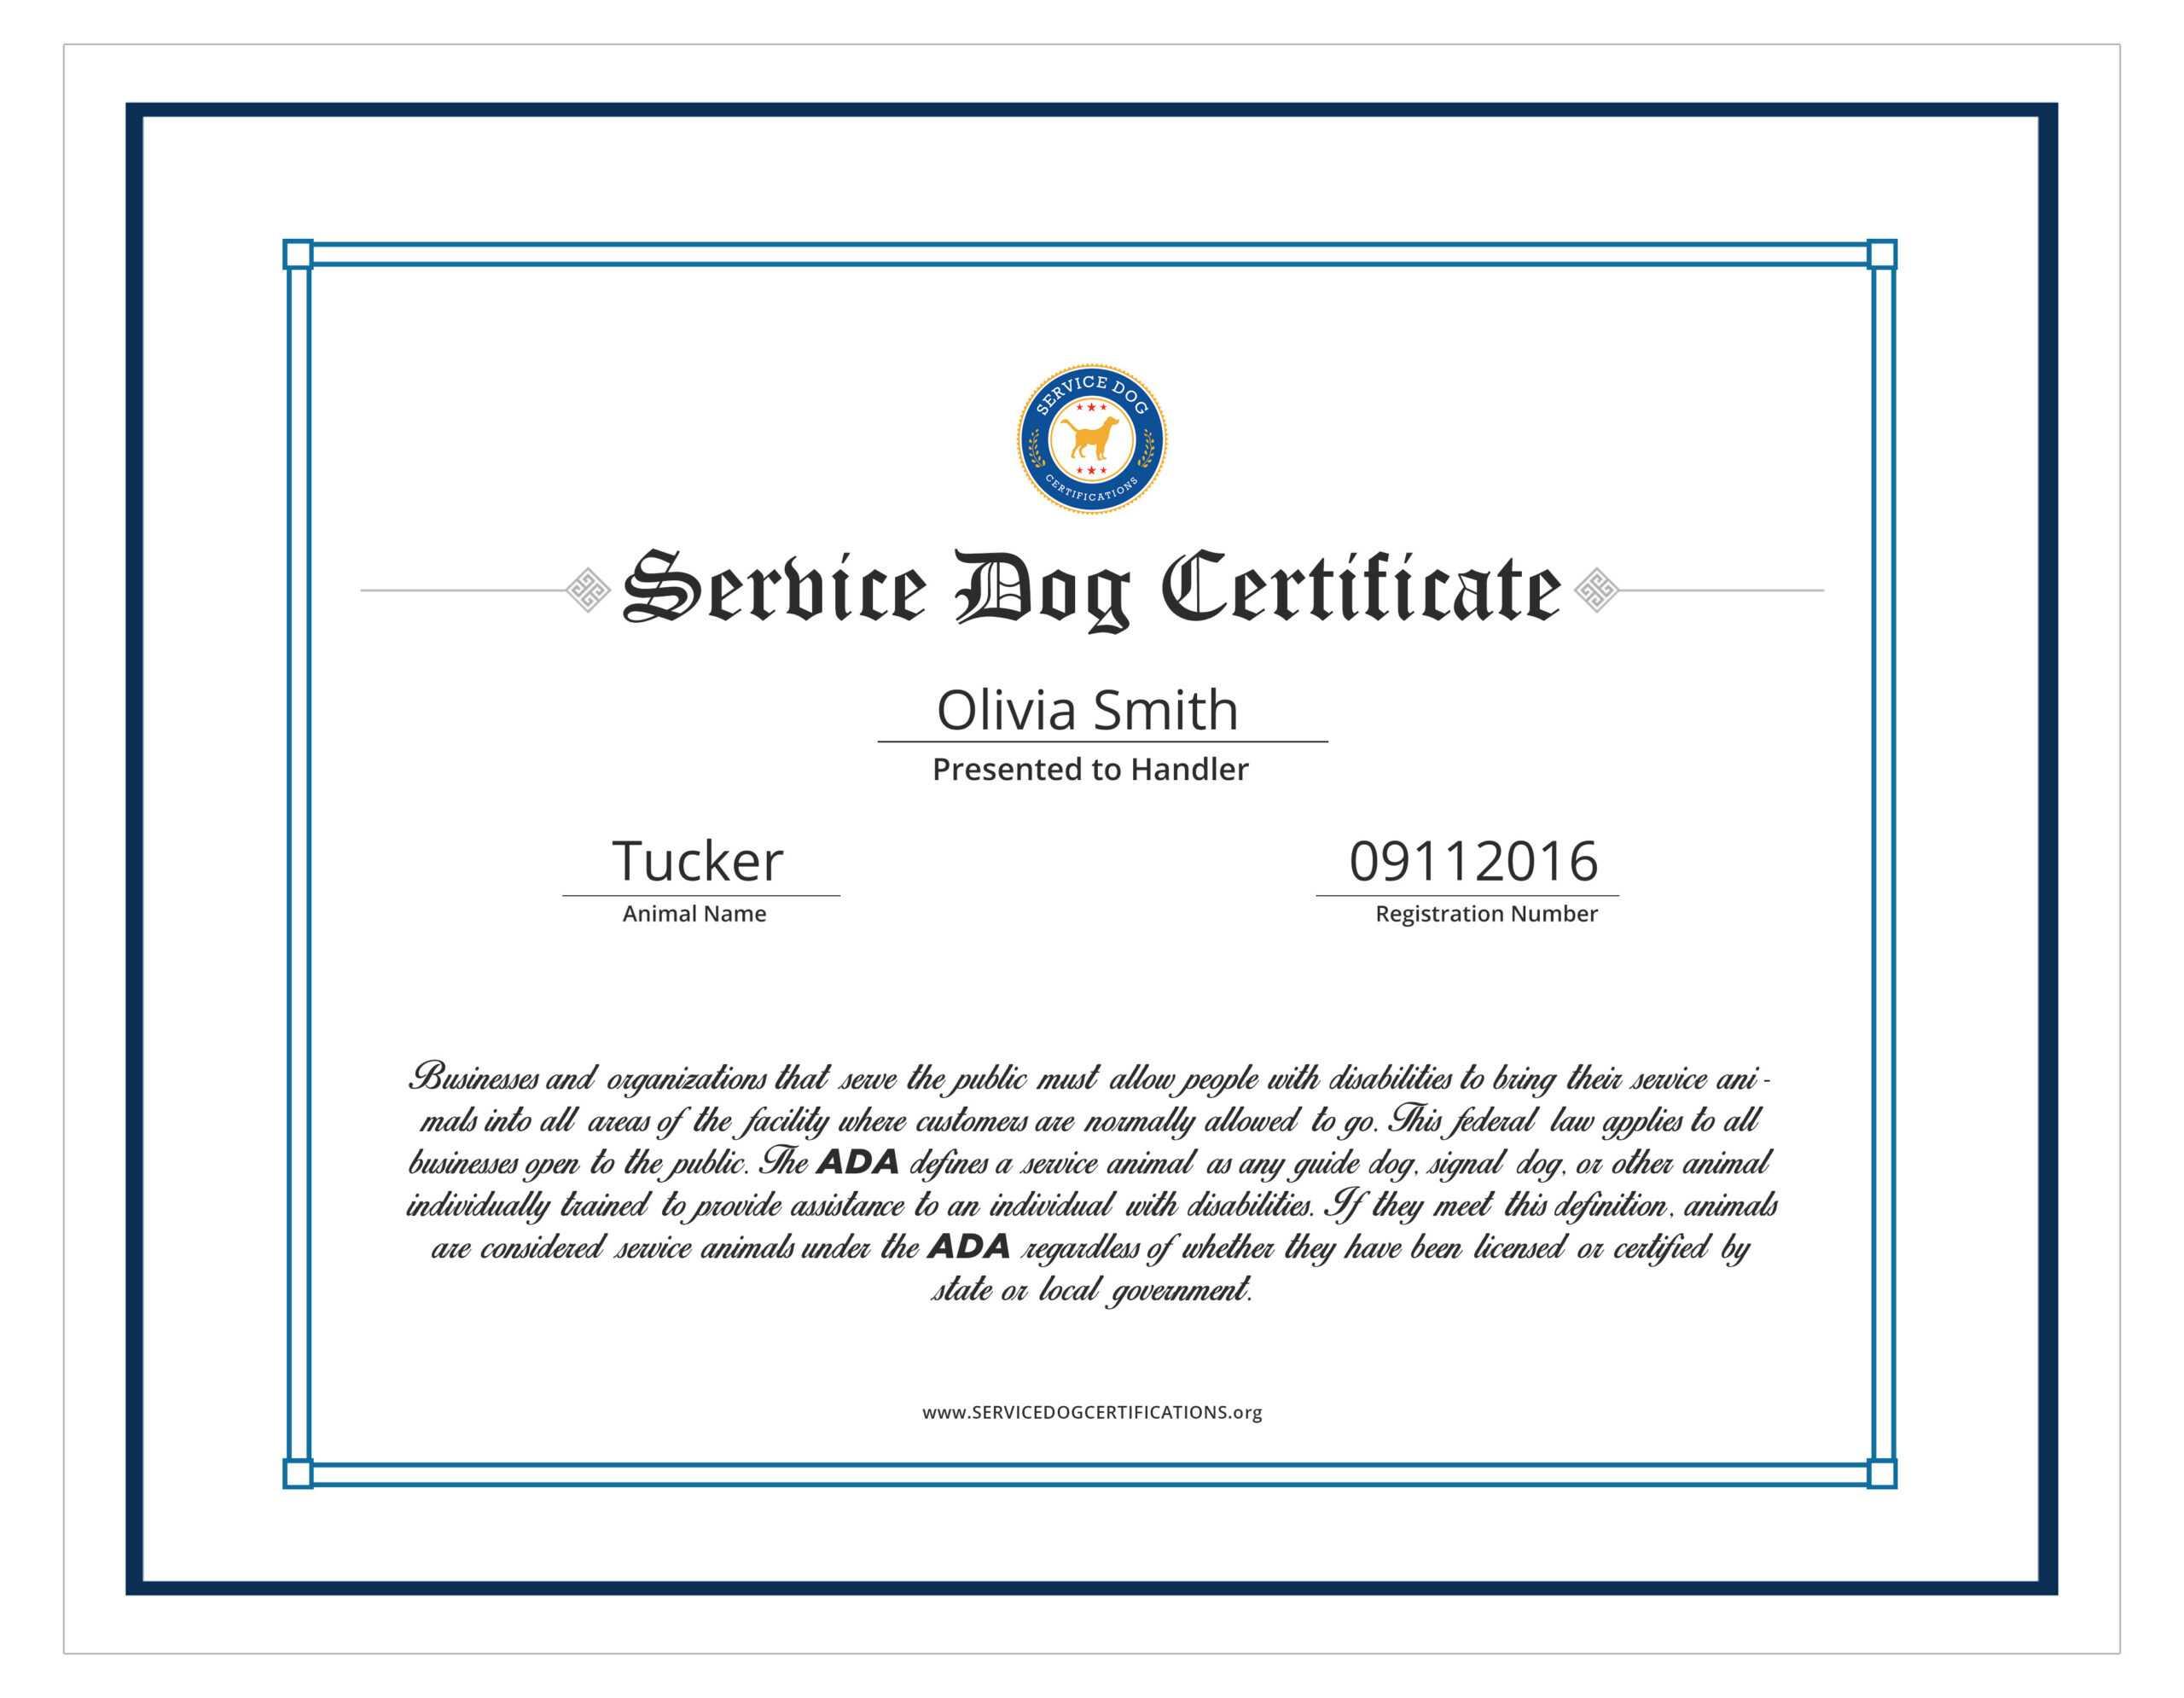 004 Template Ideas Service Dog Certificate Elegant With Service Dog Certificate Template